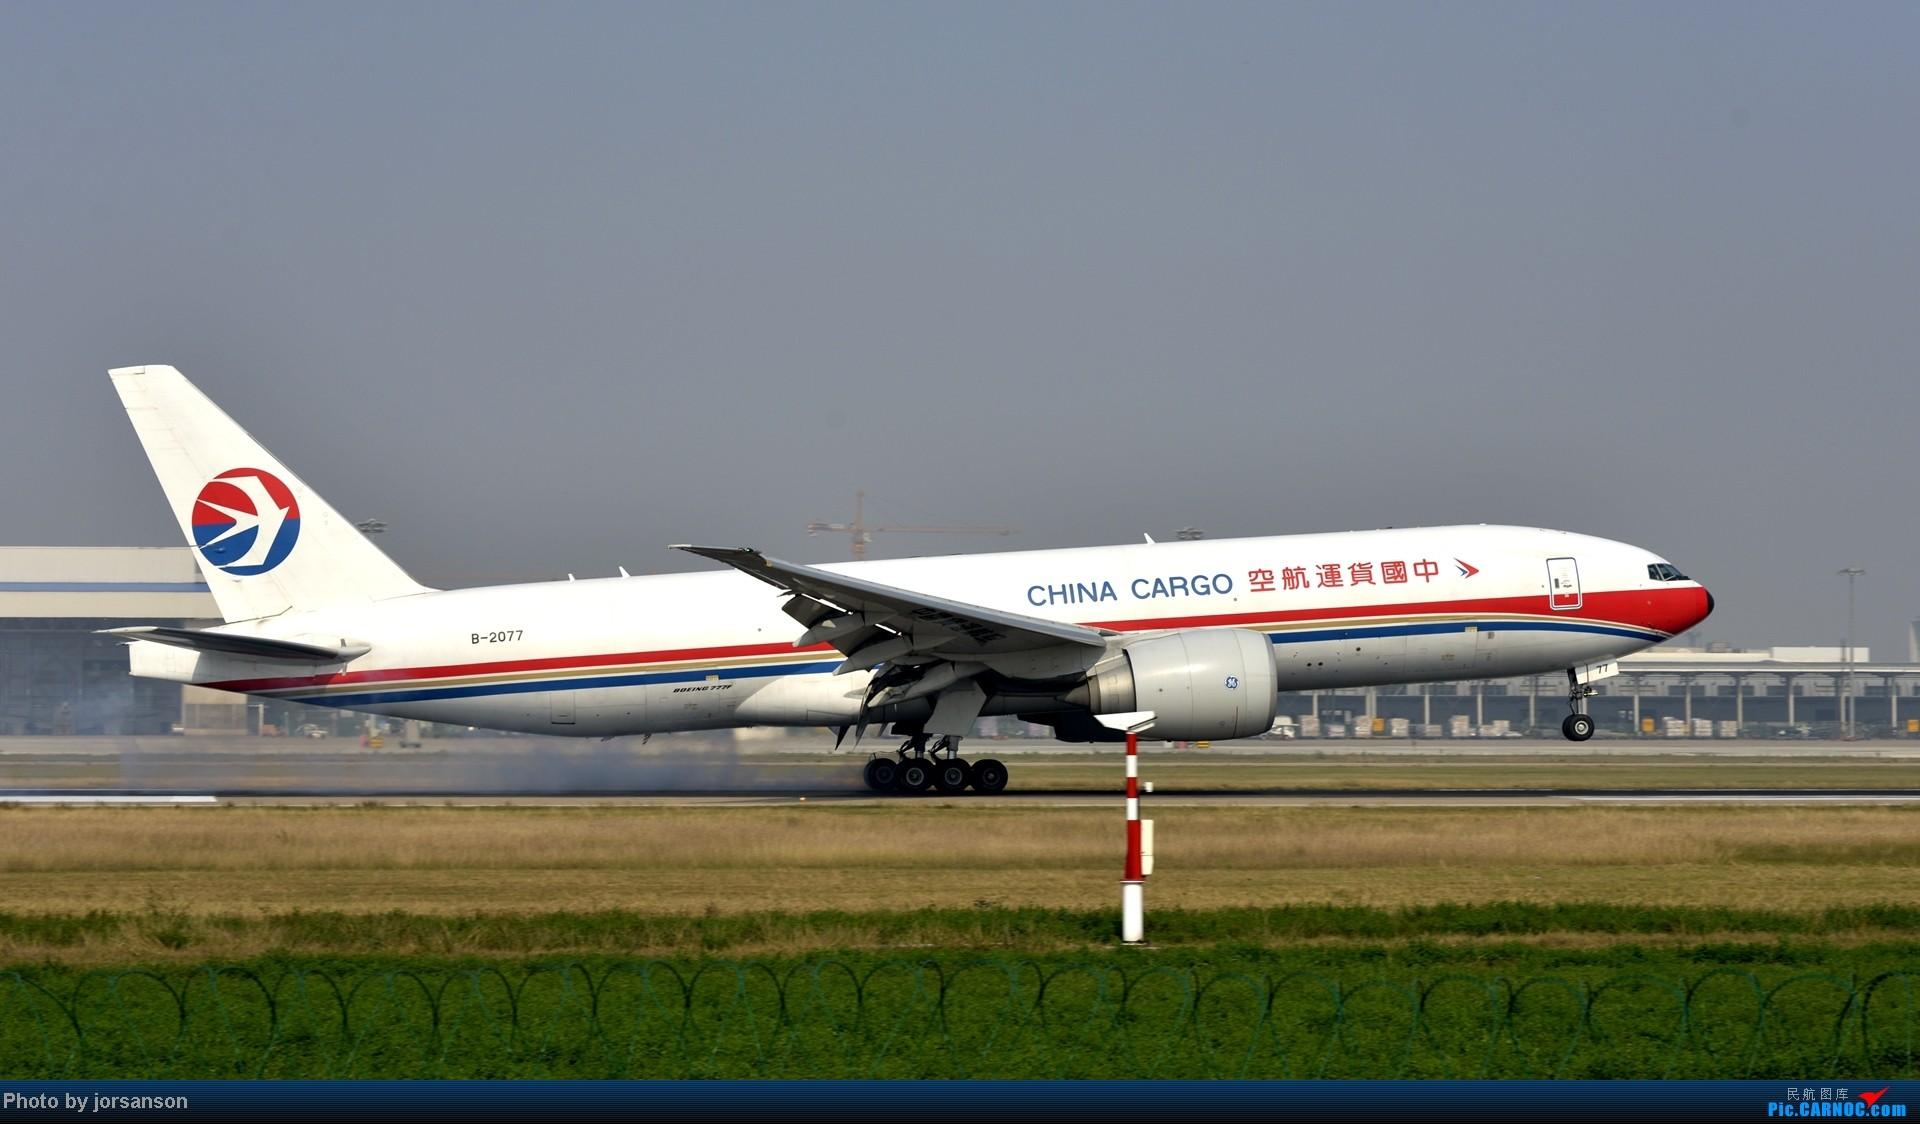 Re:[原创]郑州飞友会YankeeJoe新郑首次拍机 BOEING 777-200 B-2077 中国郑州新郑机场